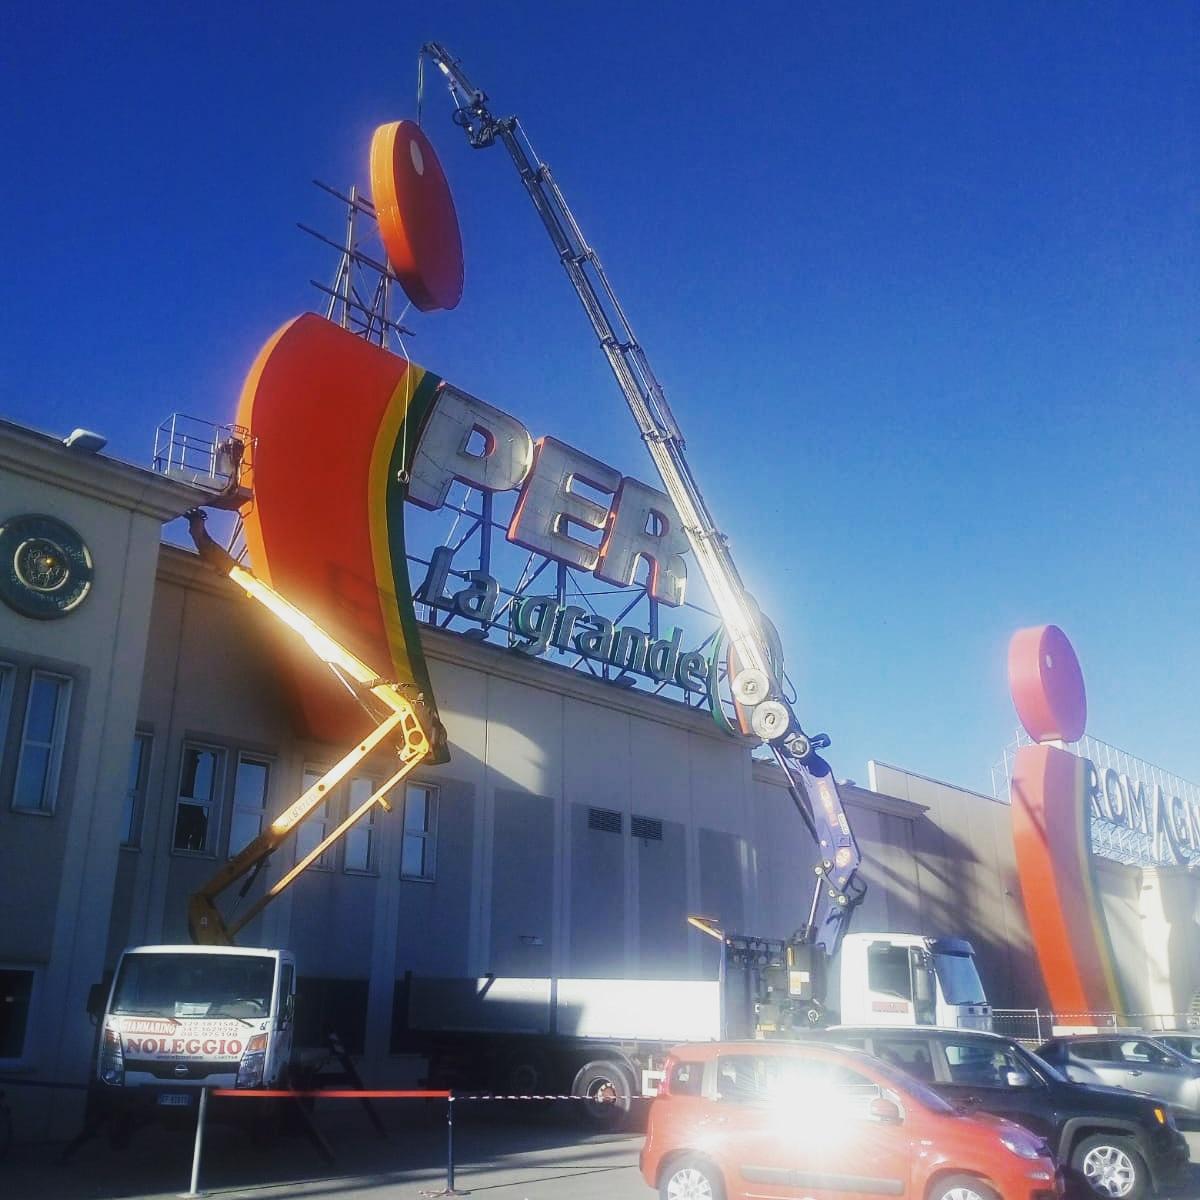 Rimini gru noleggio camion gru per smontaggio insegna a Savignano sul Rubicone